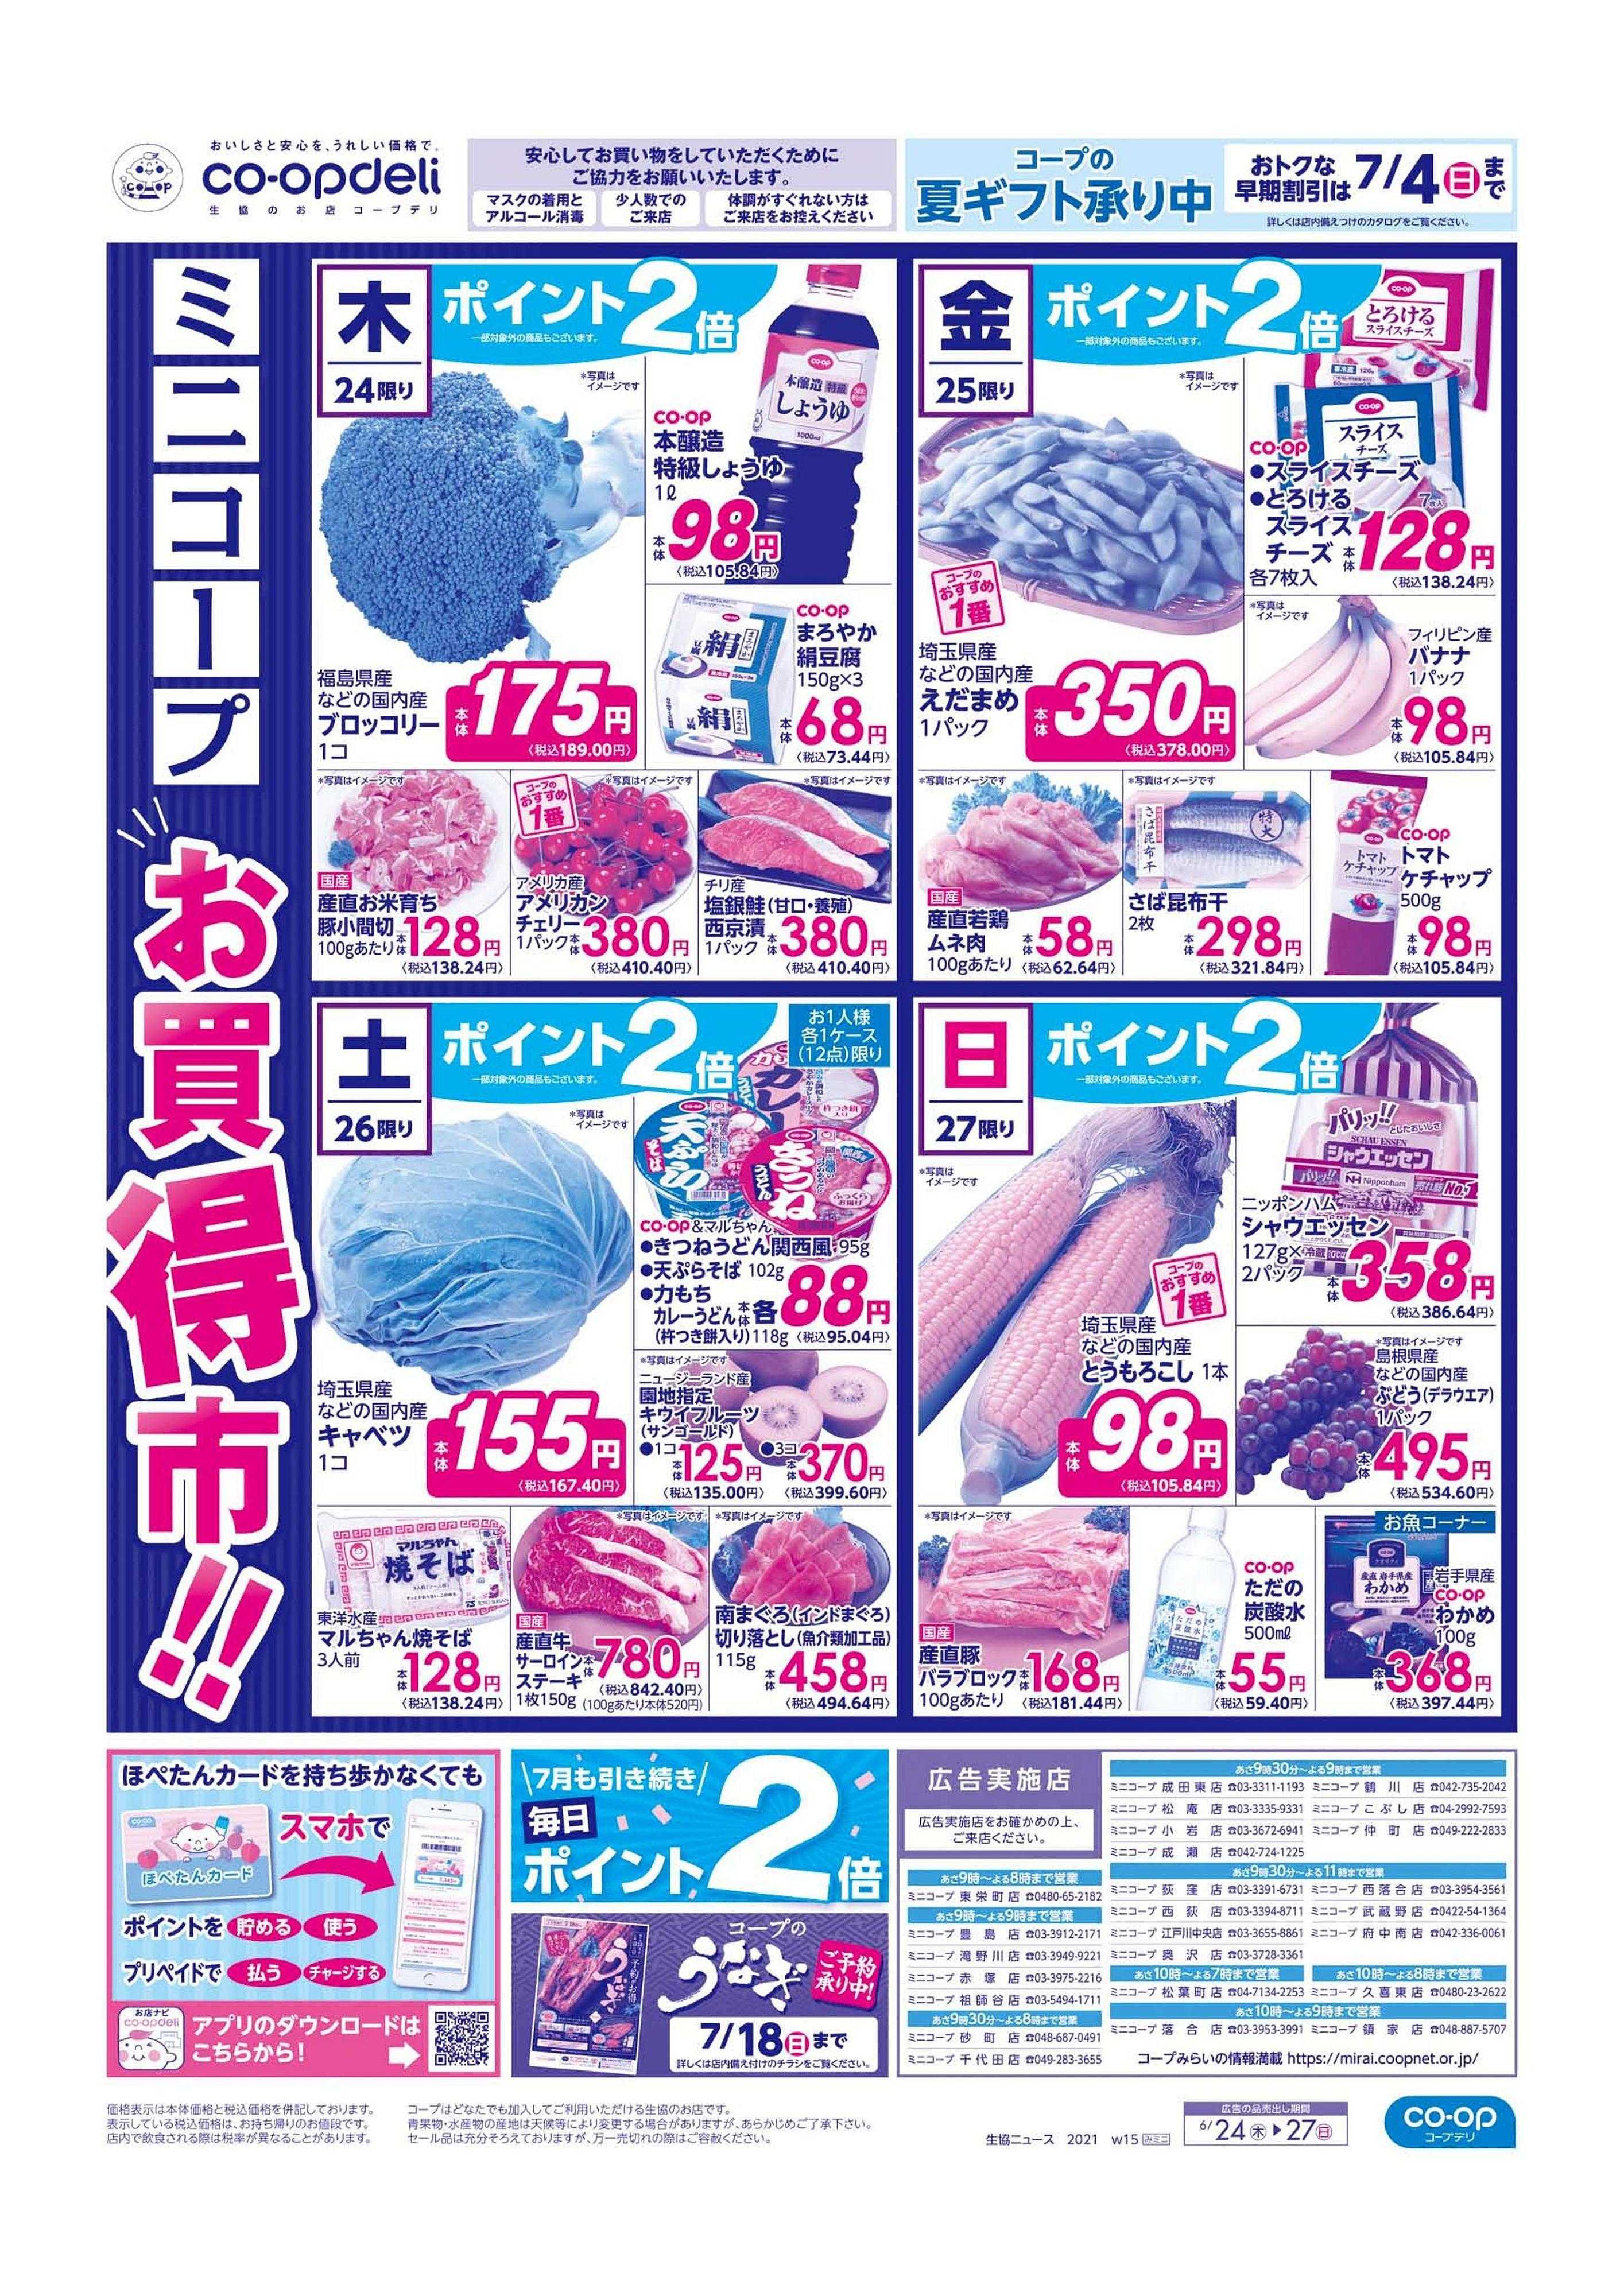 コープみらい ミニコープ お買得市!!